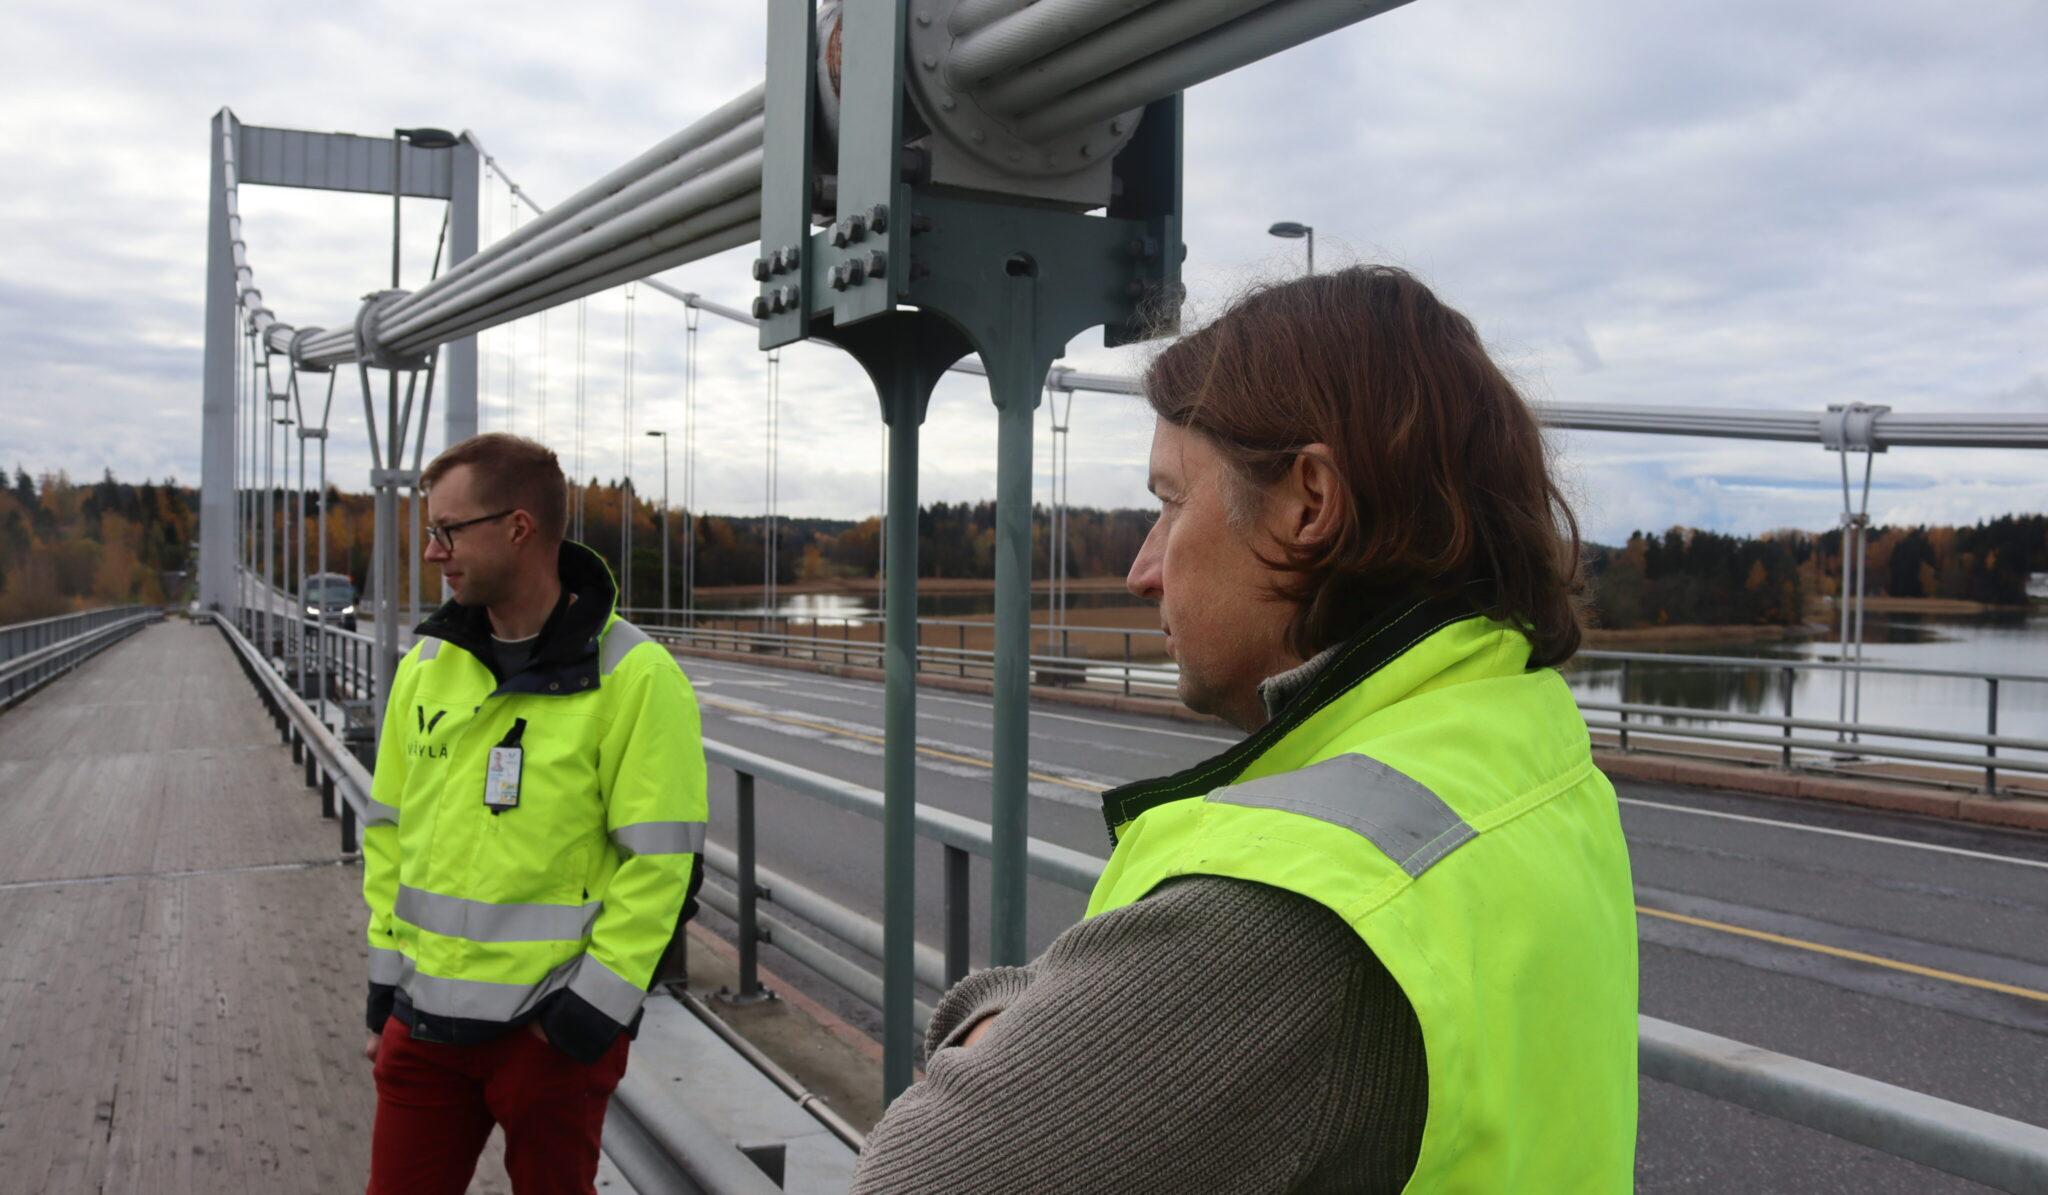 Väyläviraston projektipäälikkö Janne Wikström (vas.) ja Kreaten projektipäällikkö Timo Hirvasmaa esittelivät siltahankkeita medialle Paraisilla. Kuvan keskellä on Kirjalansalmen sillan vaurioitunut riipputanko, joka vaihdettiin viime kesänä.